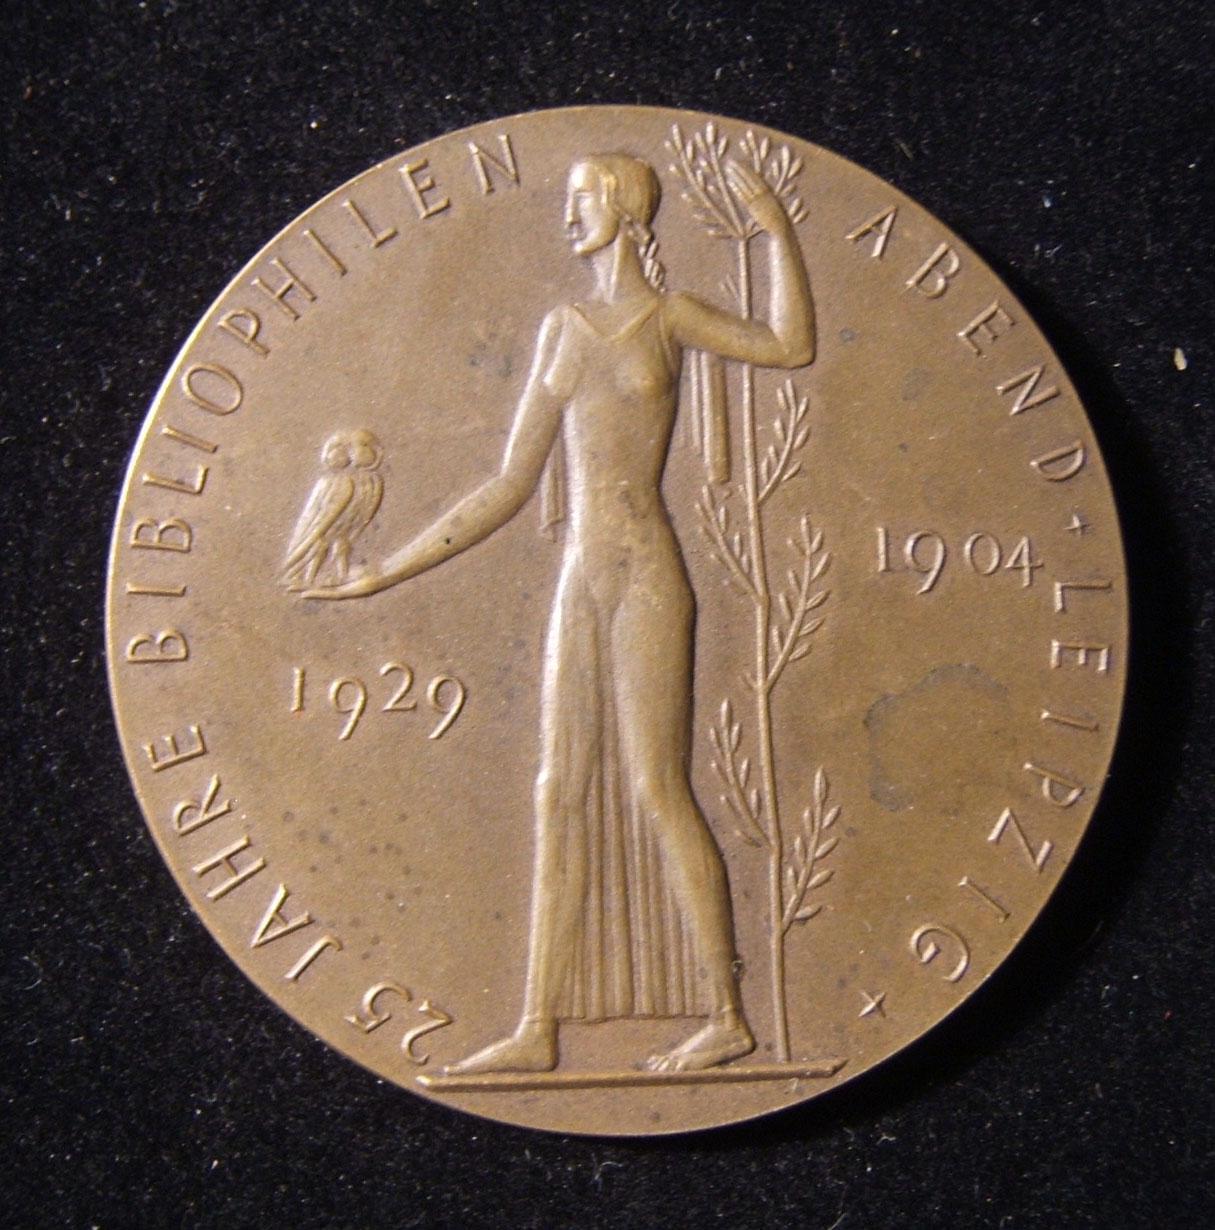 25 שנה ליובל ביבליופיל מדליית יודאיקה לגוסטב קירשטיין, 1929